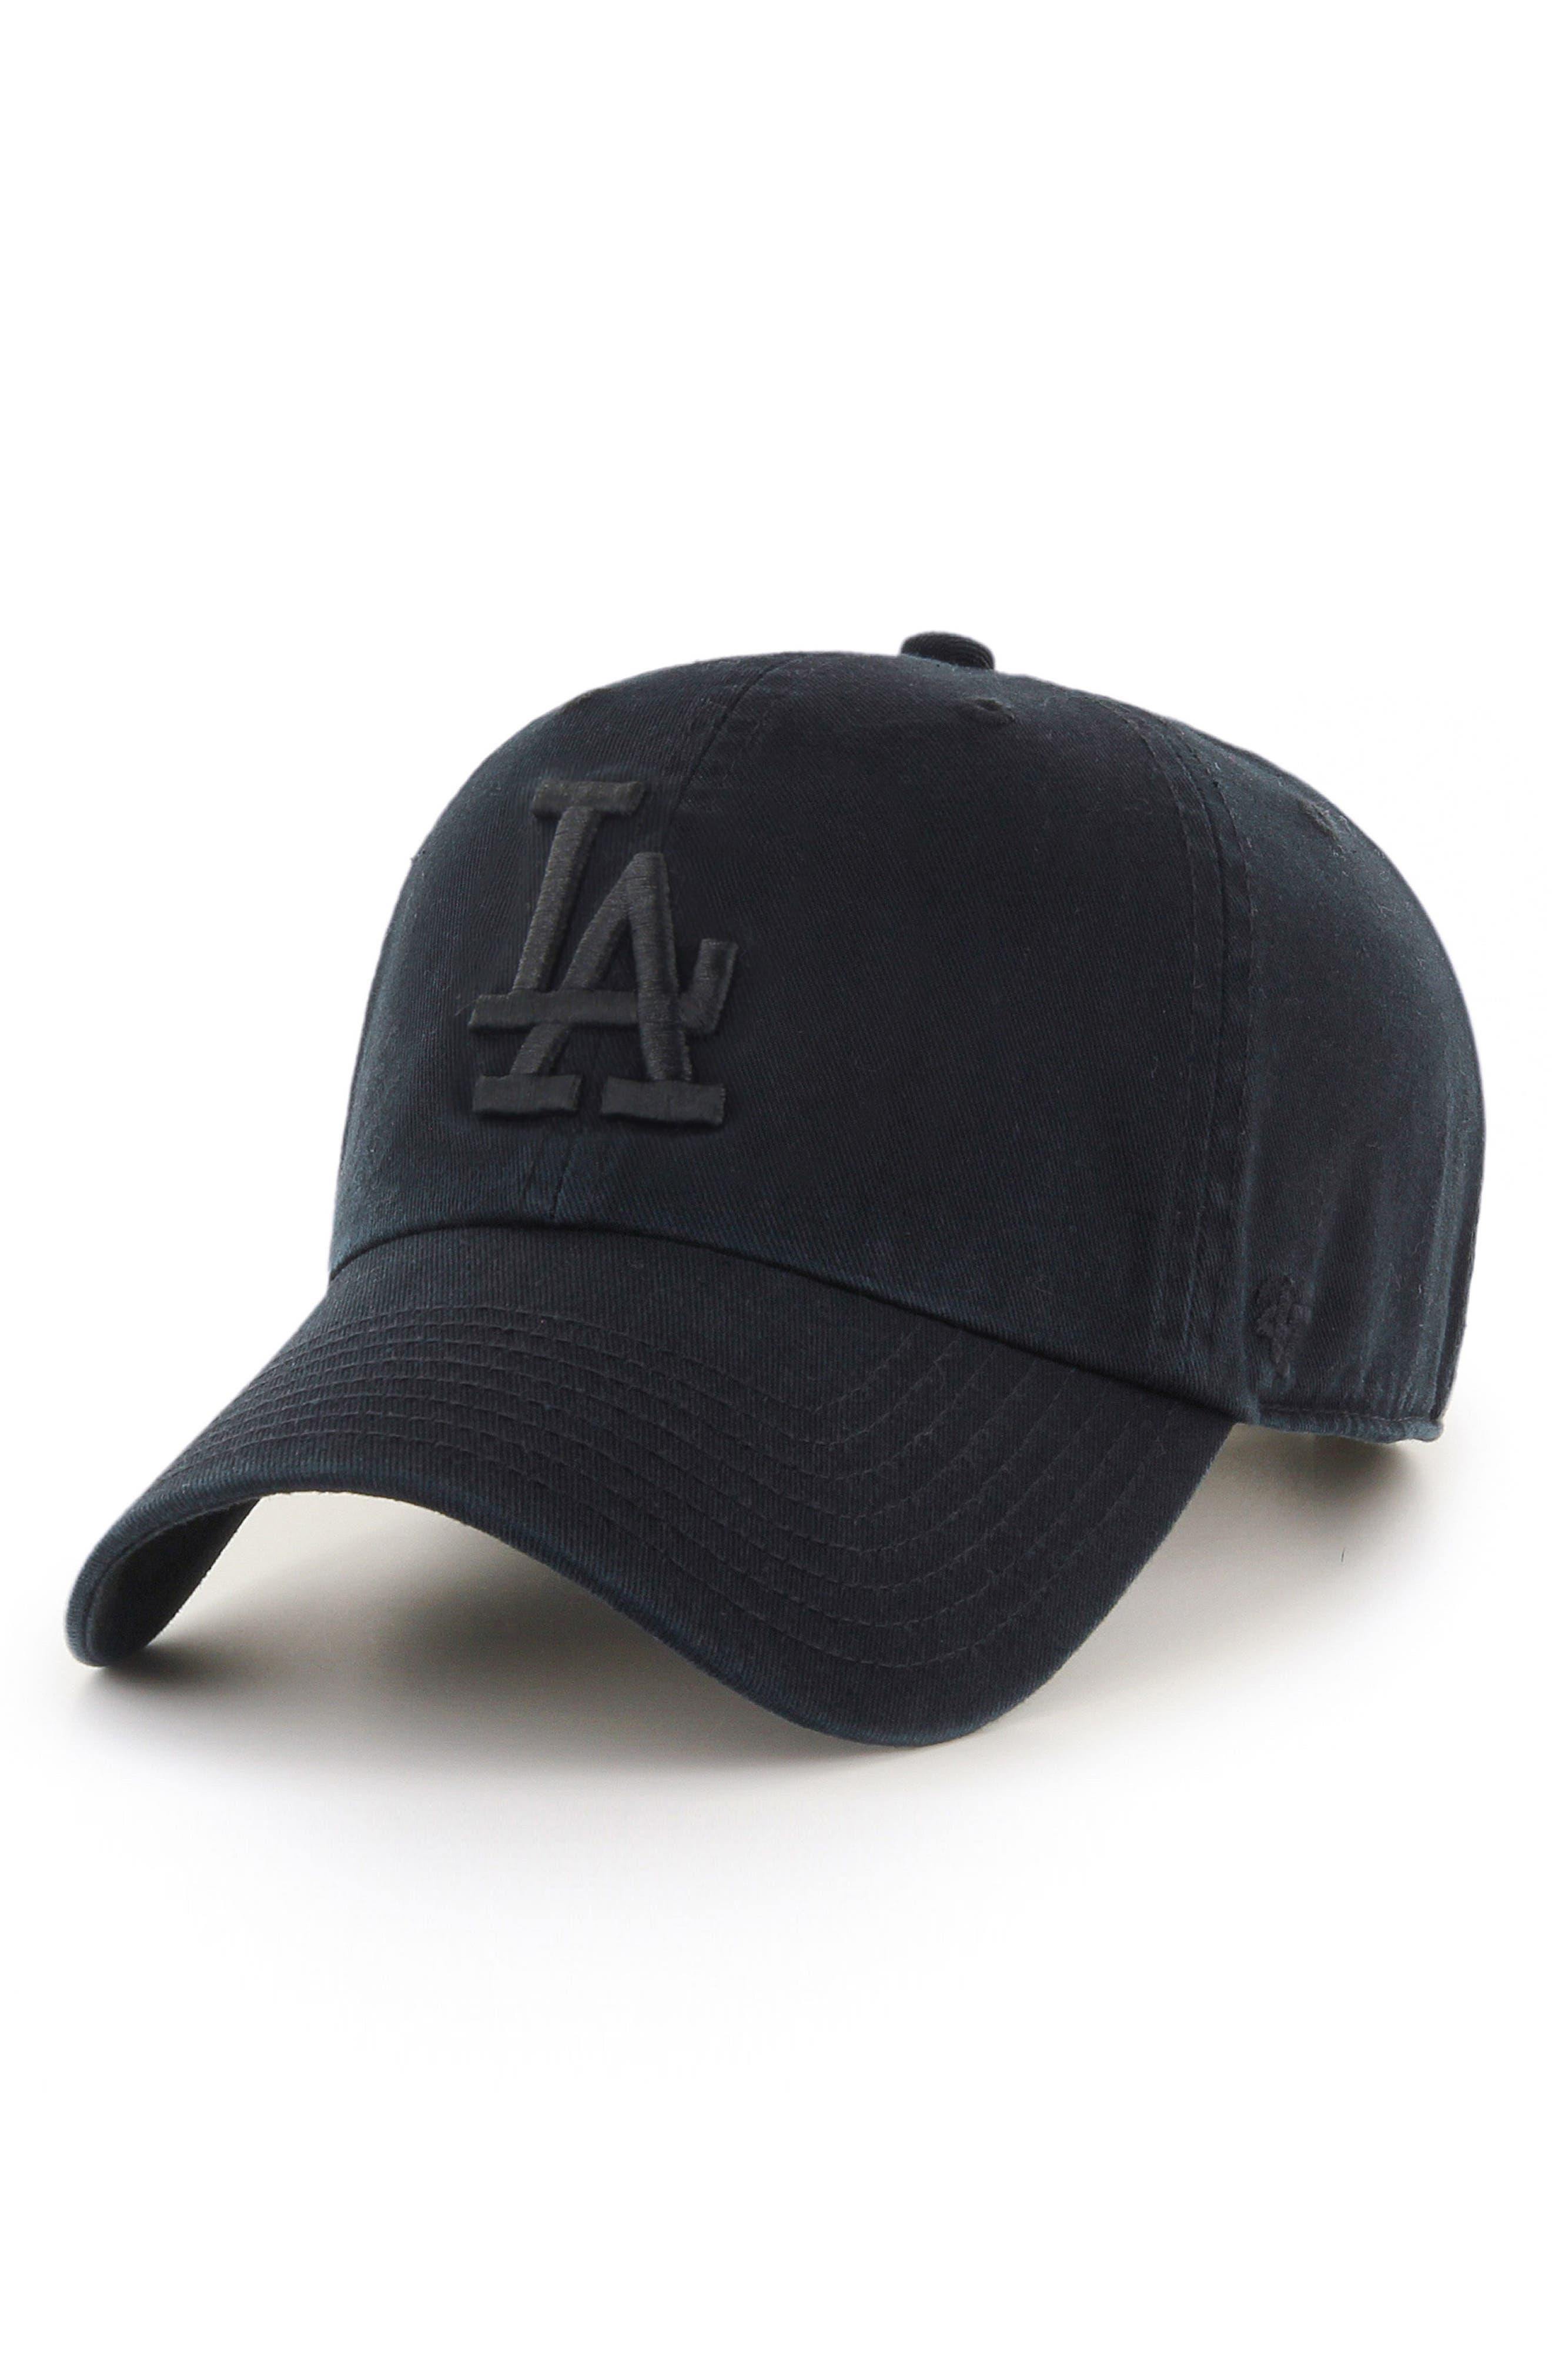 Clean UP LA Dodgers Baseball Cap,                             Main thumbnail 1, color,                             Black